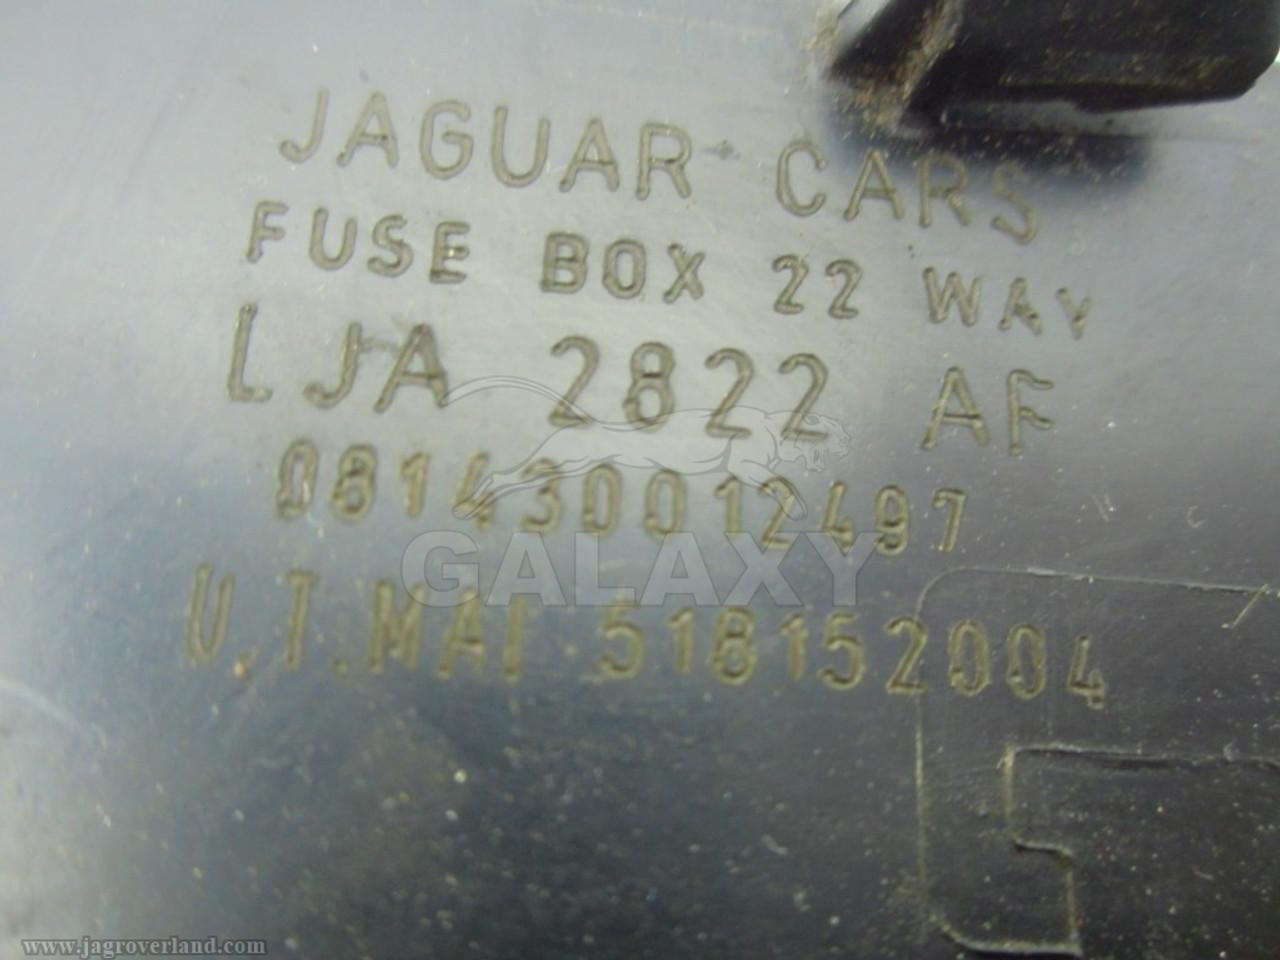 97 99 xk8 fuse box lja2822af  [ 1024 x 768 Pixel ]